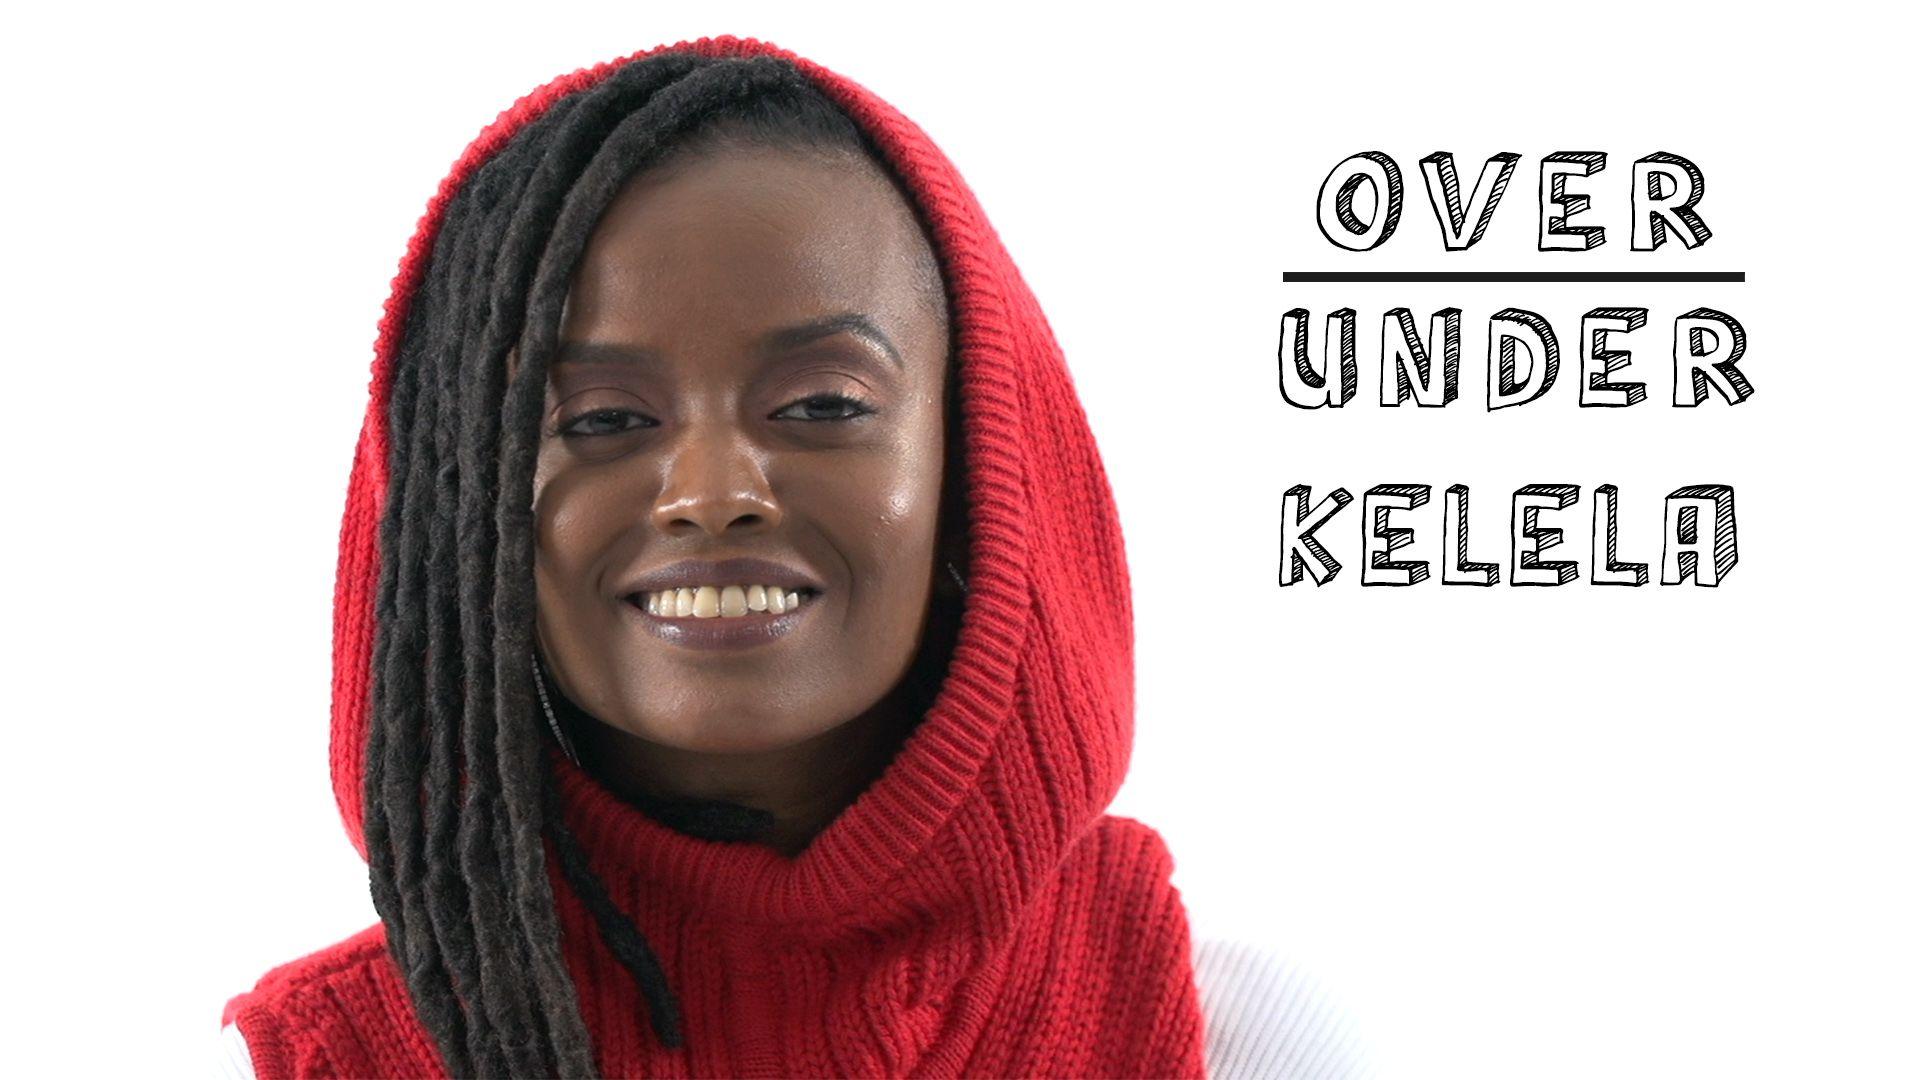 Kelela Rates Breakfast with Björk and Quincy Jones with Ivanka Trump